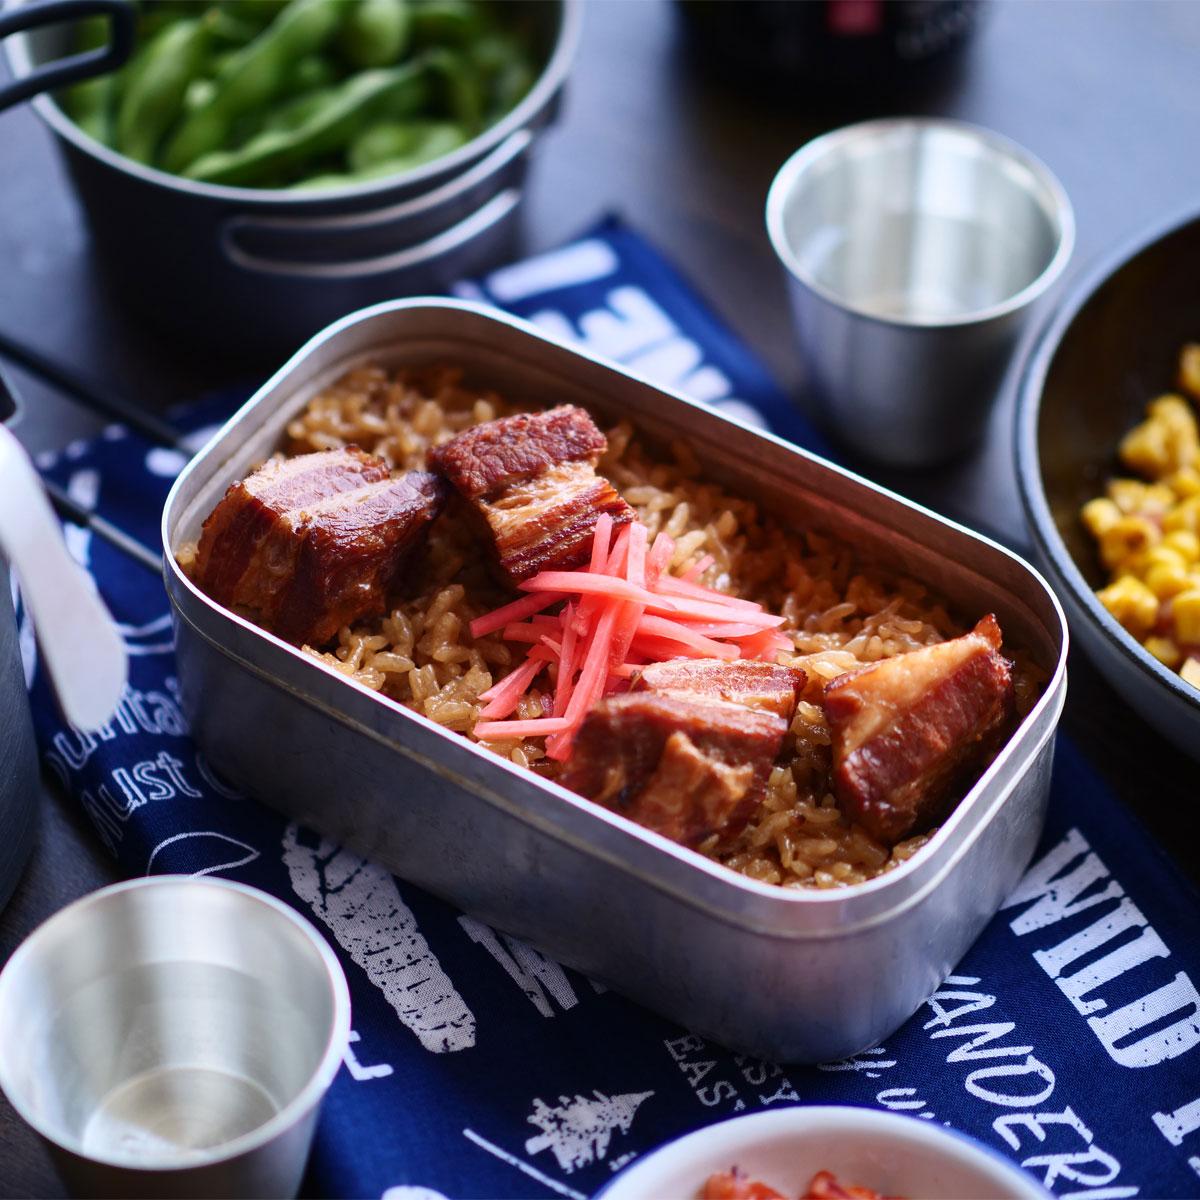 「あっさり香ばしい♪豚角煮のほうじ茶炊き込みご飯」アイキャッチ画像